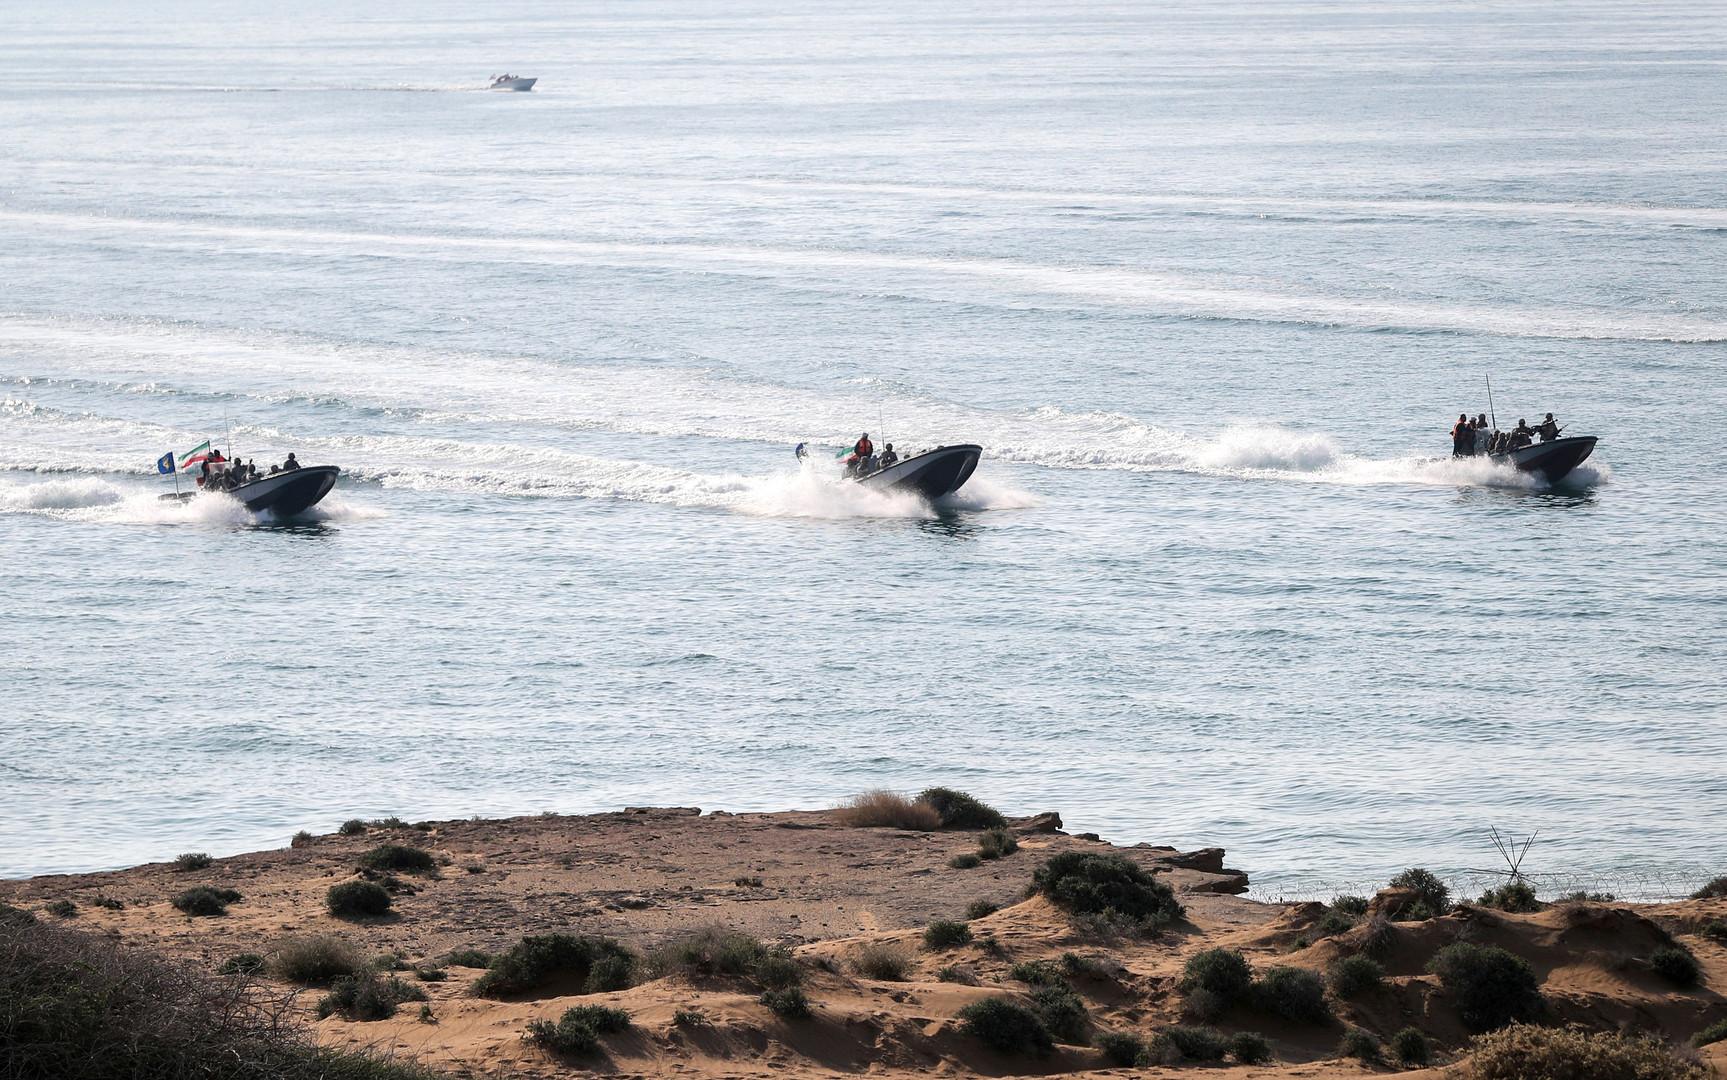 نيويورك تايمز: إيران أزالت صواريخ من بعض قواربها كانت سببا في التصعيد مع واشنطن